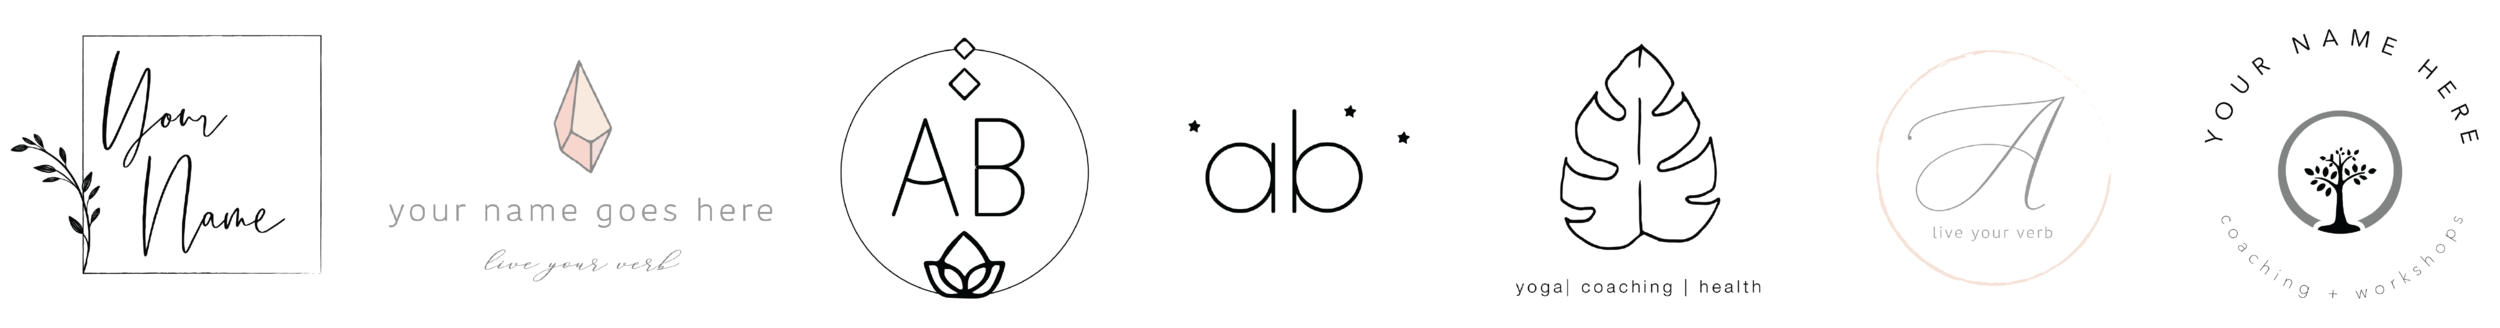 verb-management-mgmt-logo-design-graphics-branding-06.png